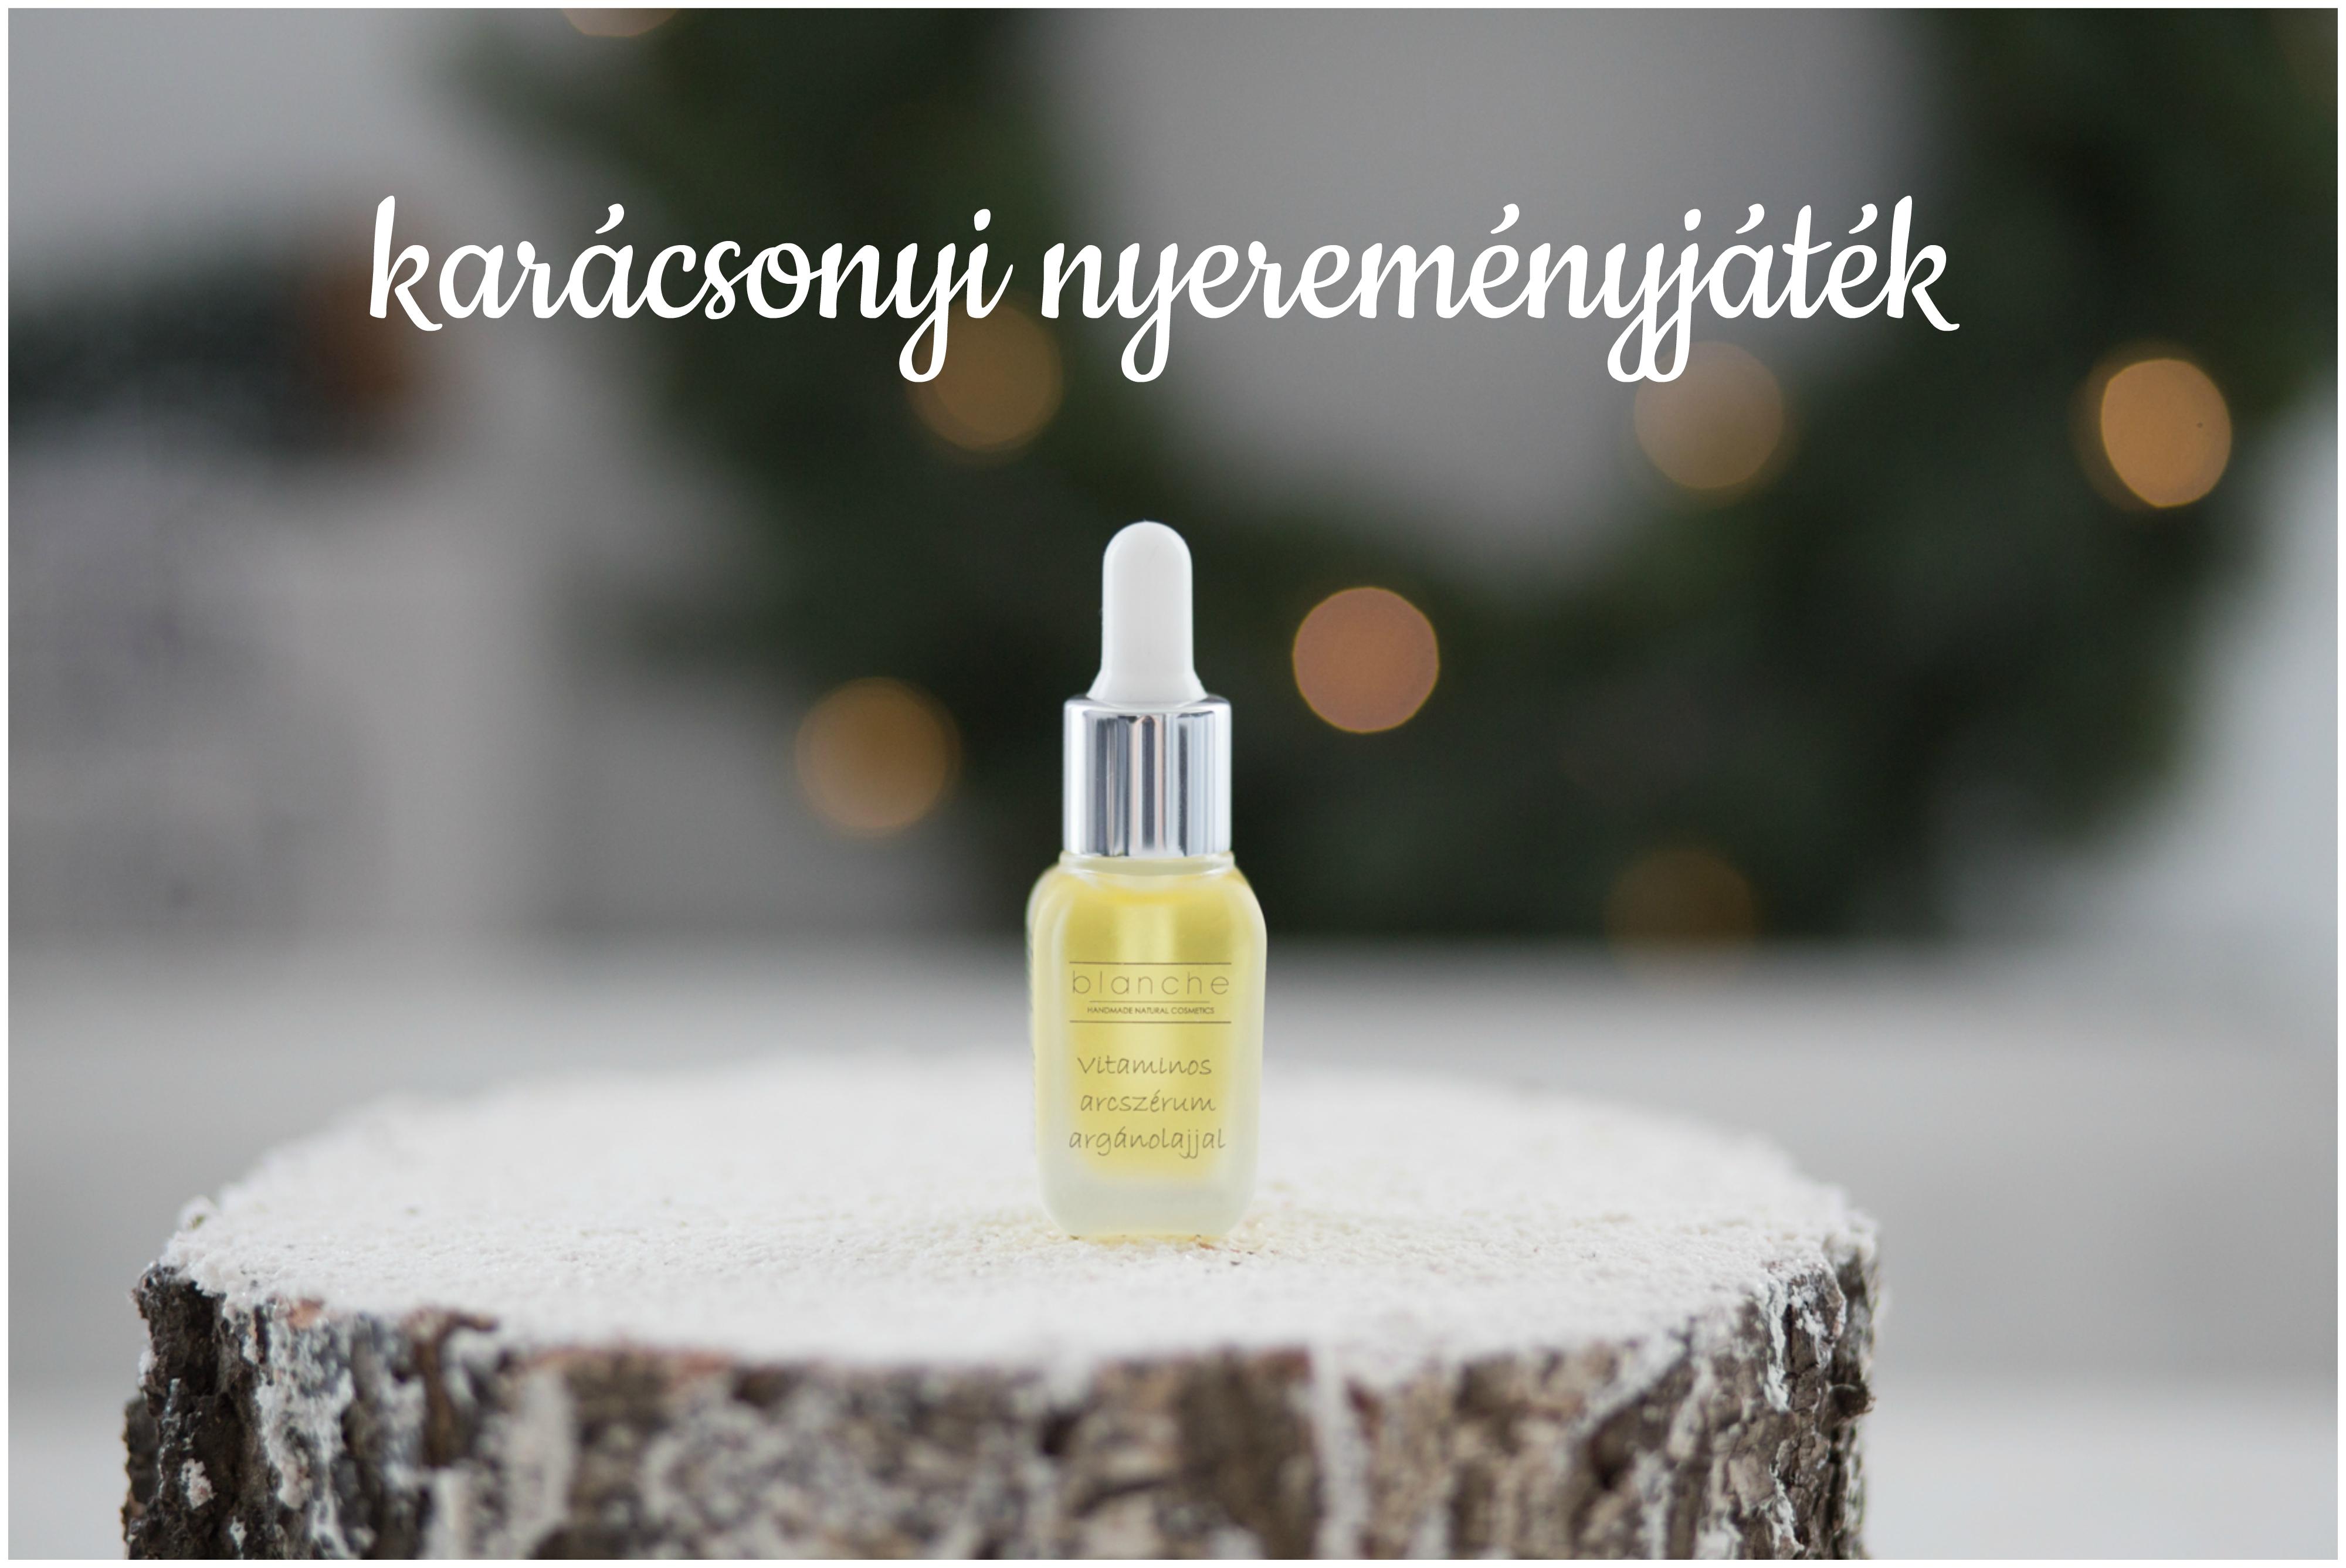 karacsonyi nyeremenyjatek I. - Blanche Vitaminos arcszerum